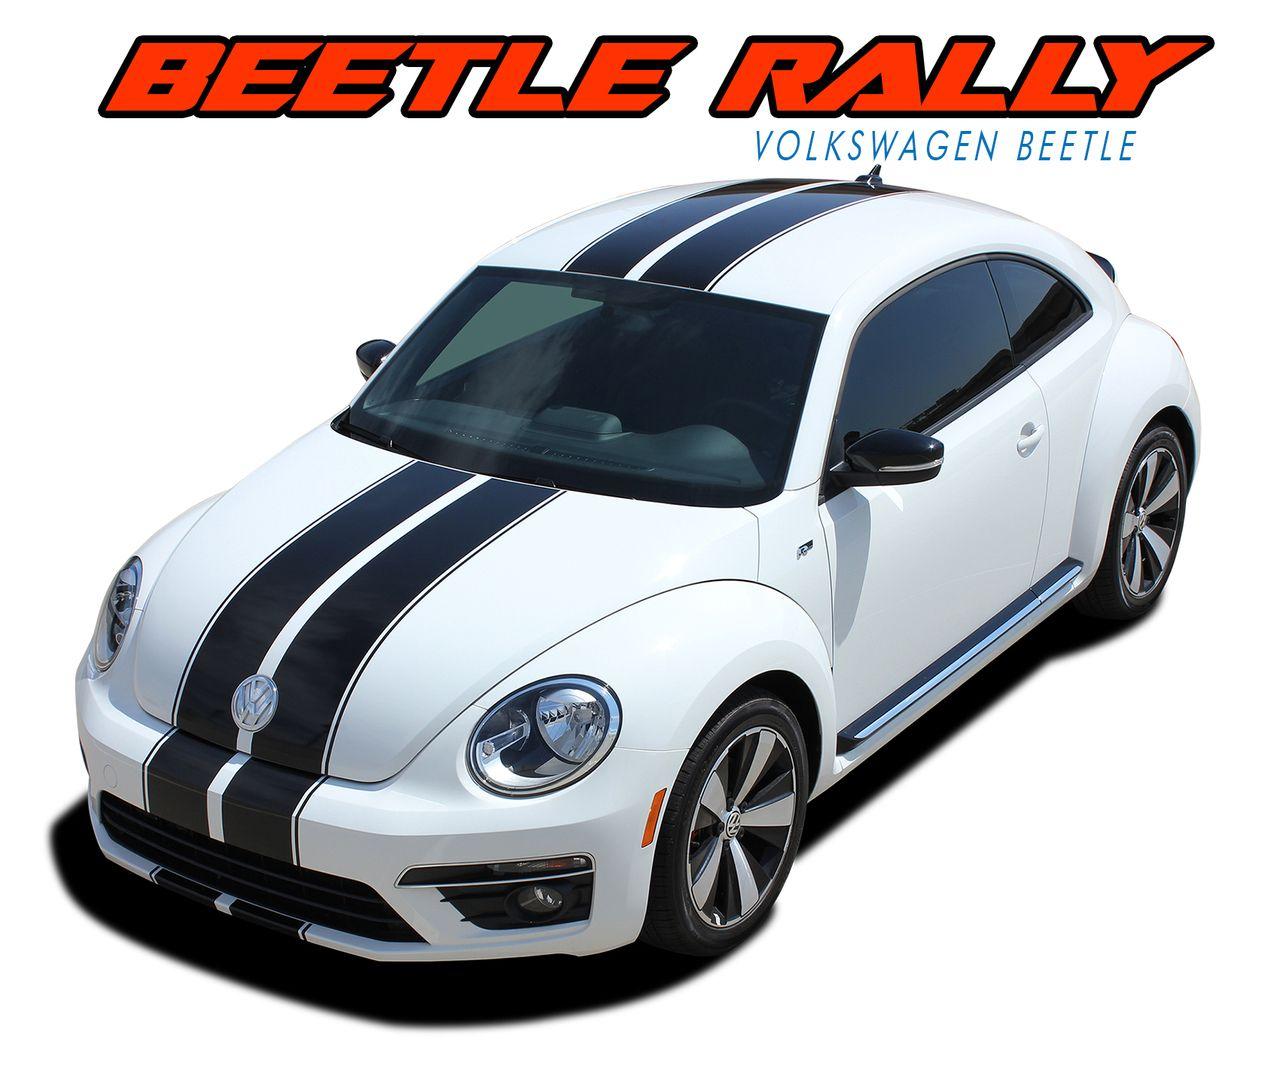 BEETLE RALLY : 2012-2019 Volkswagen Beetle Complete Bumper